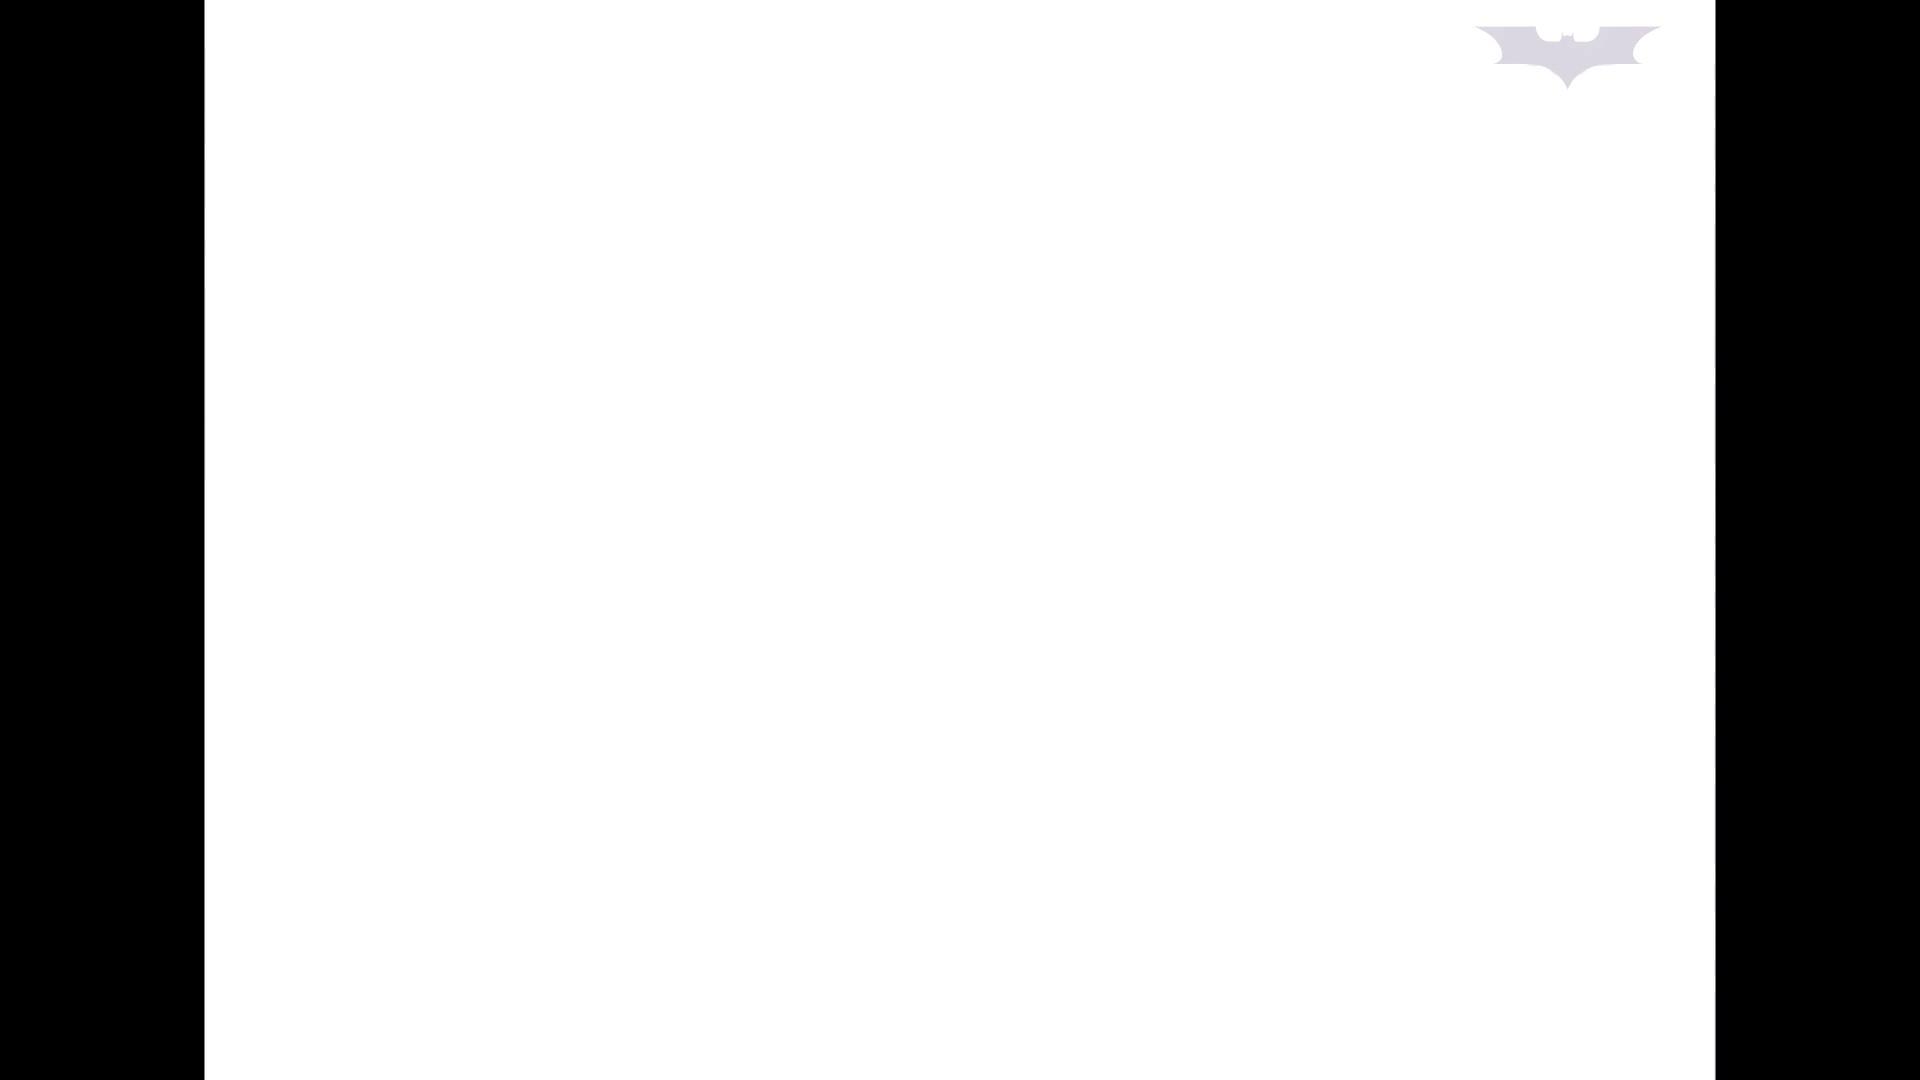 ●生マンコ綺麗にツルぴかですね 期間限定神キタ!ツルピカの放nyo!Vol.20 うんこ ぱこり動画紹介 99pic 24